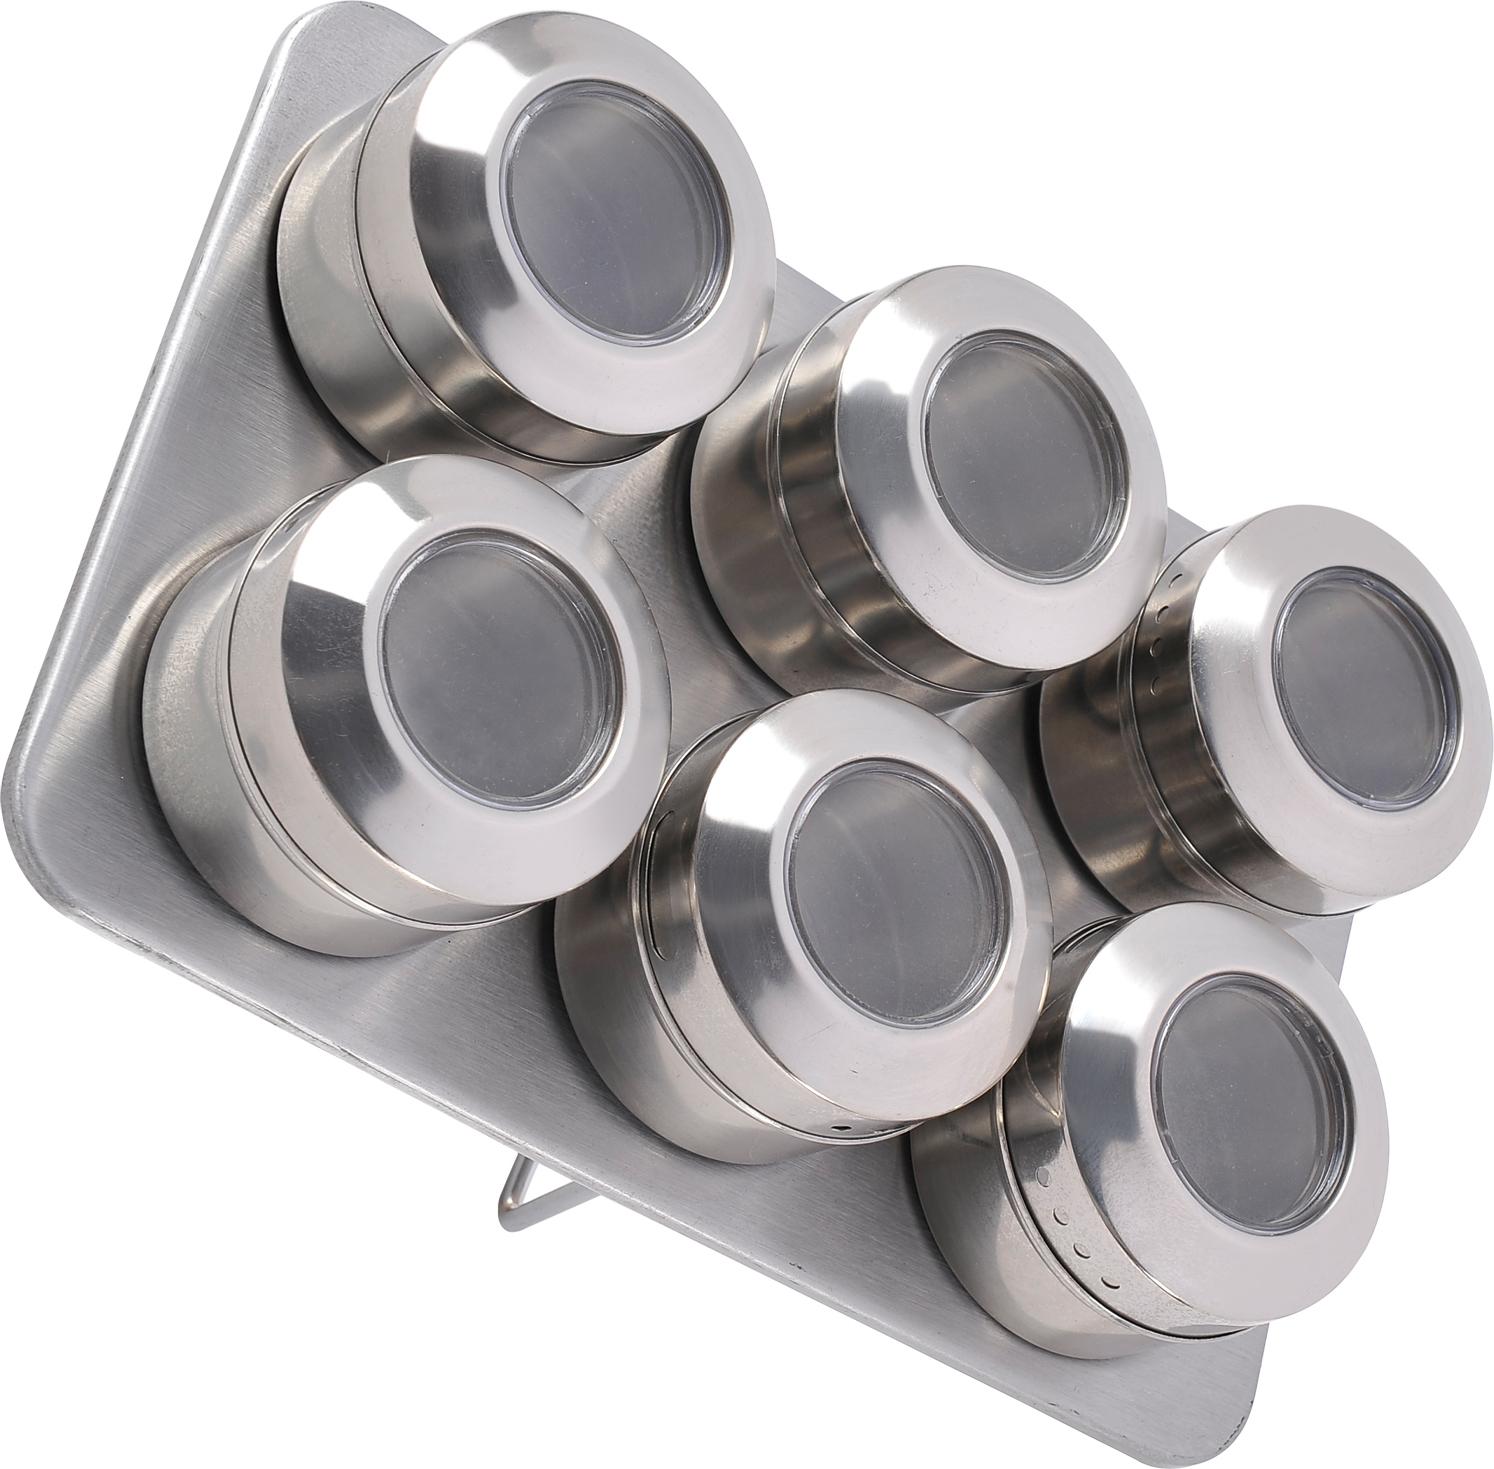 Набор для специй Rainstahl, емкости с магнитами, 7 предметов. 8703-06RS/SR набор посуды rainstahl 8 предметов 0716bh